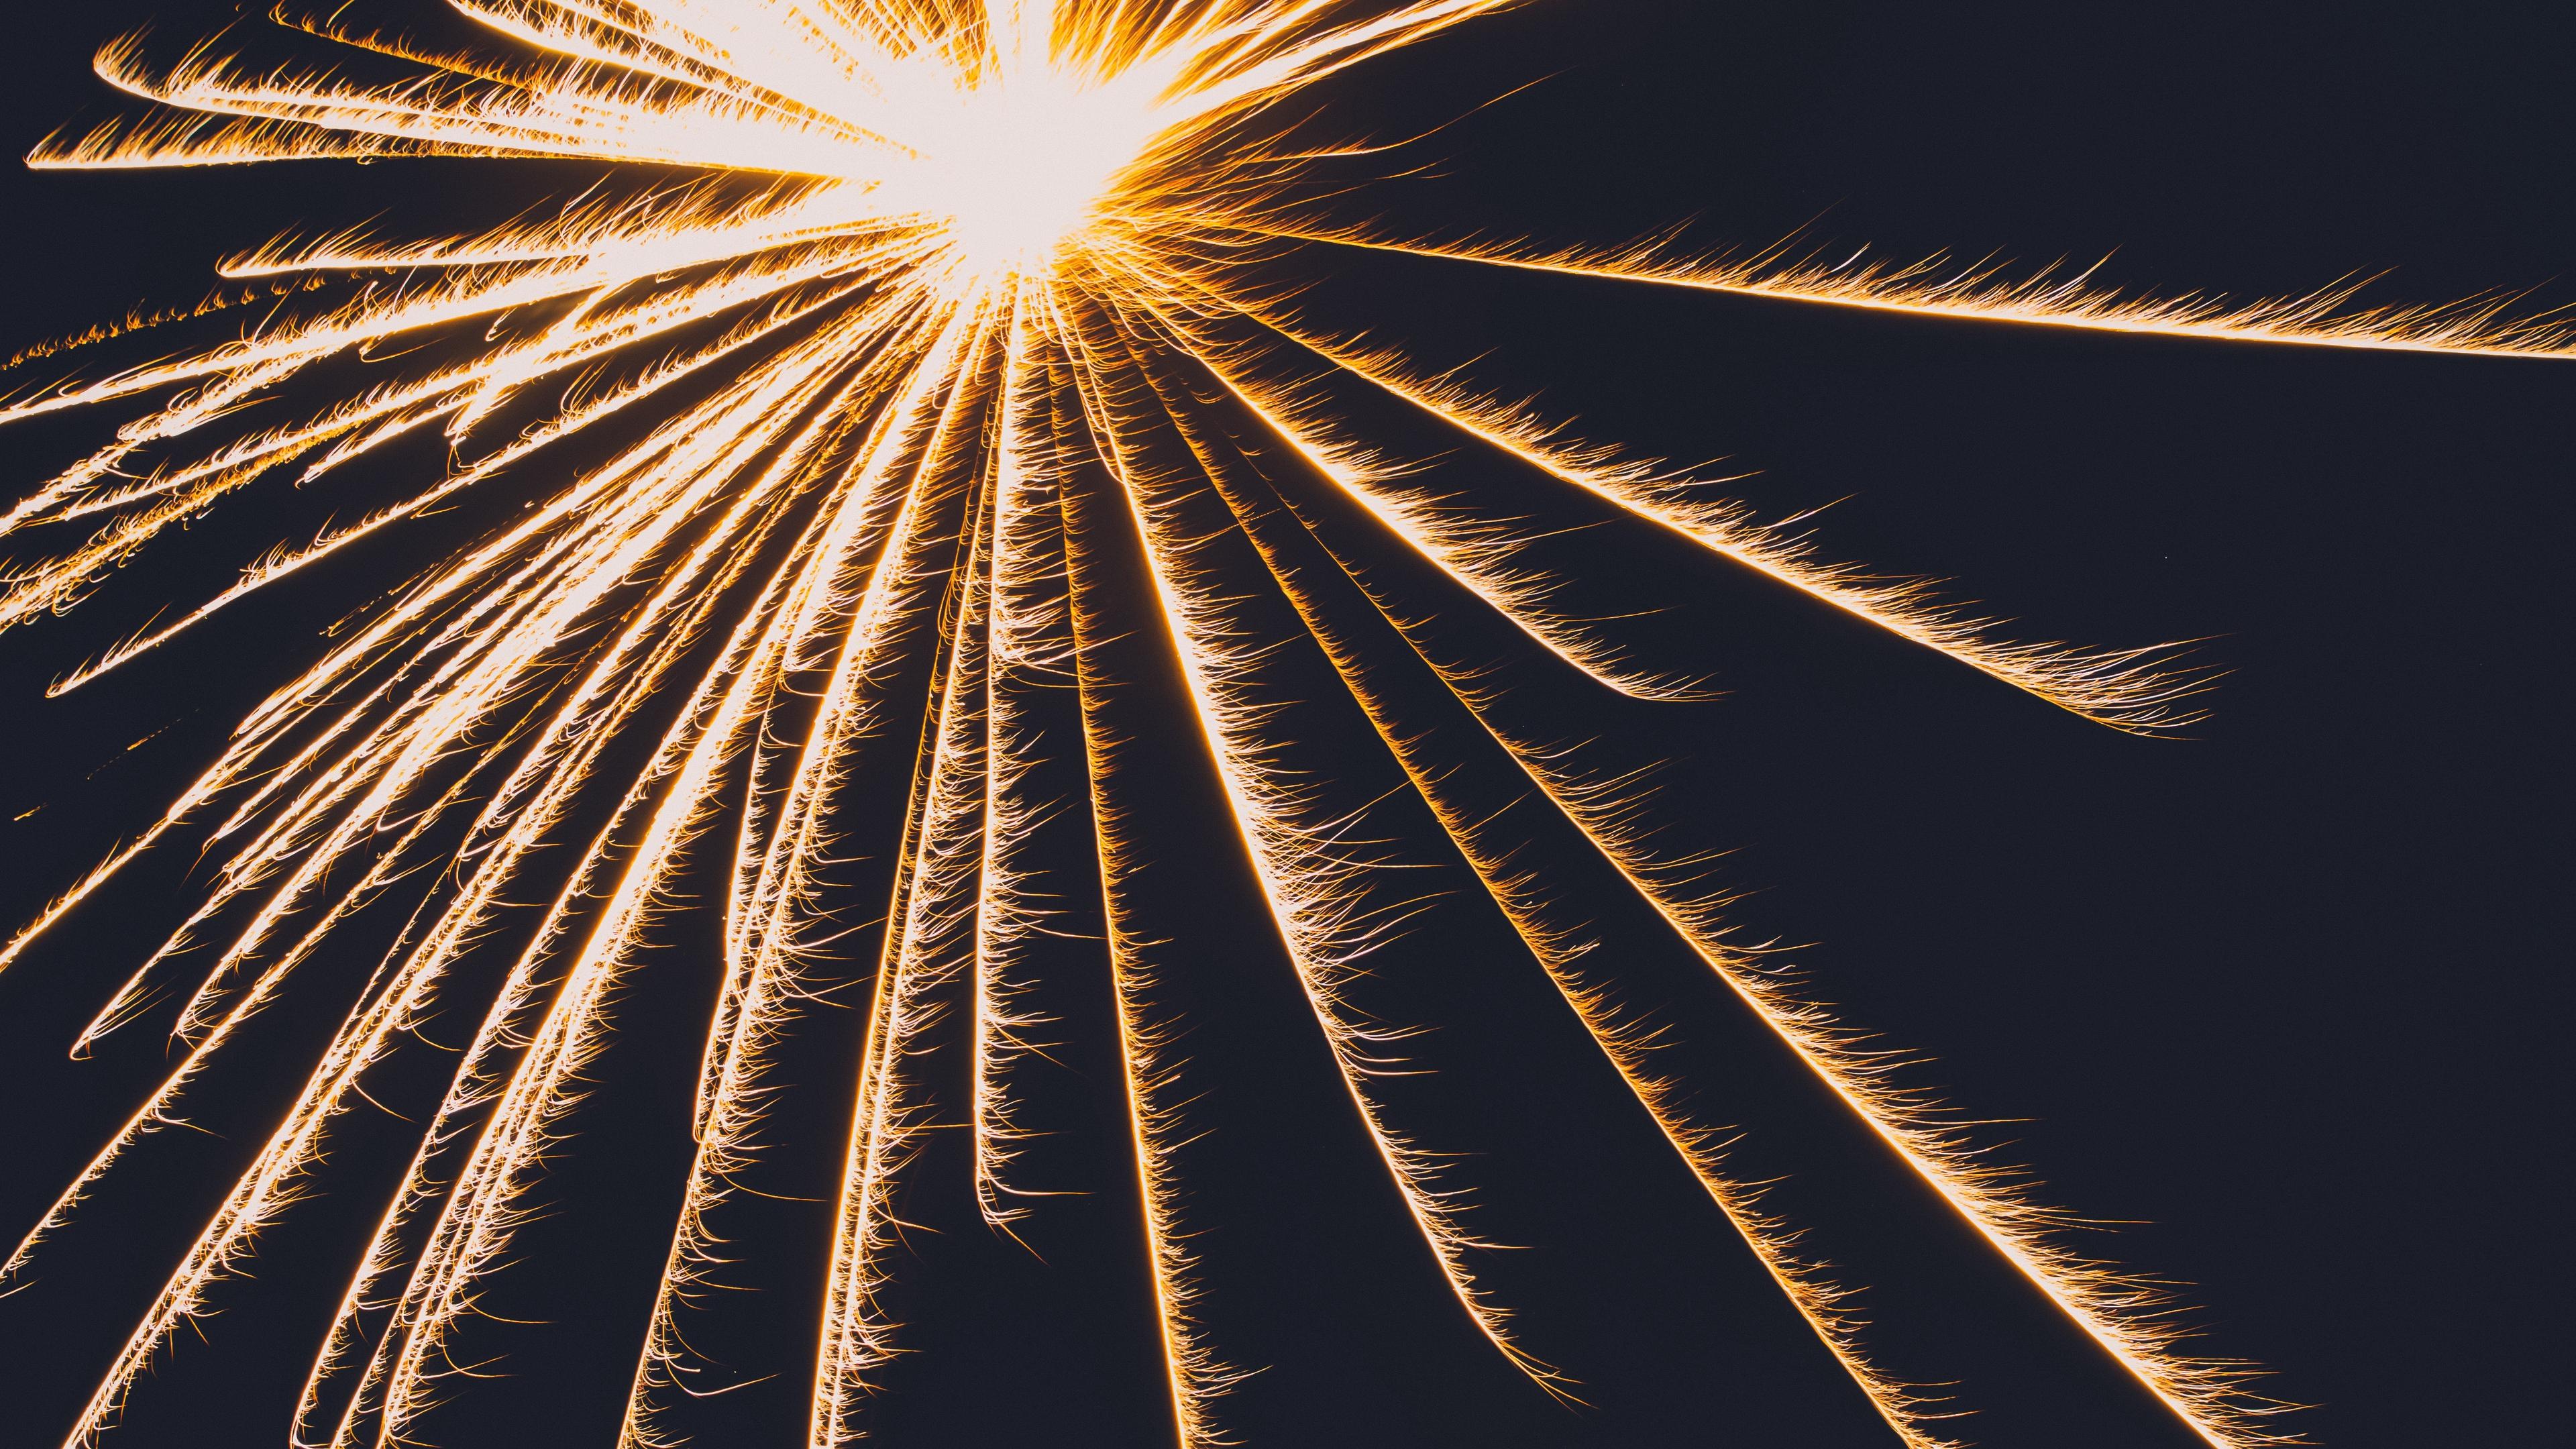 light lines sparks 4k 1539369711 - light, lines, sparks 4k - Sparks, Lines, Light